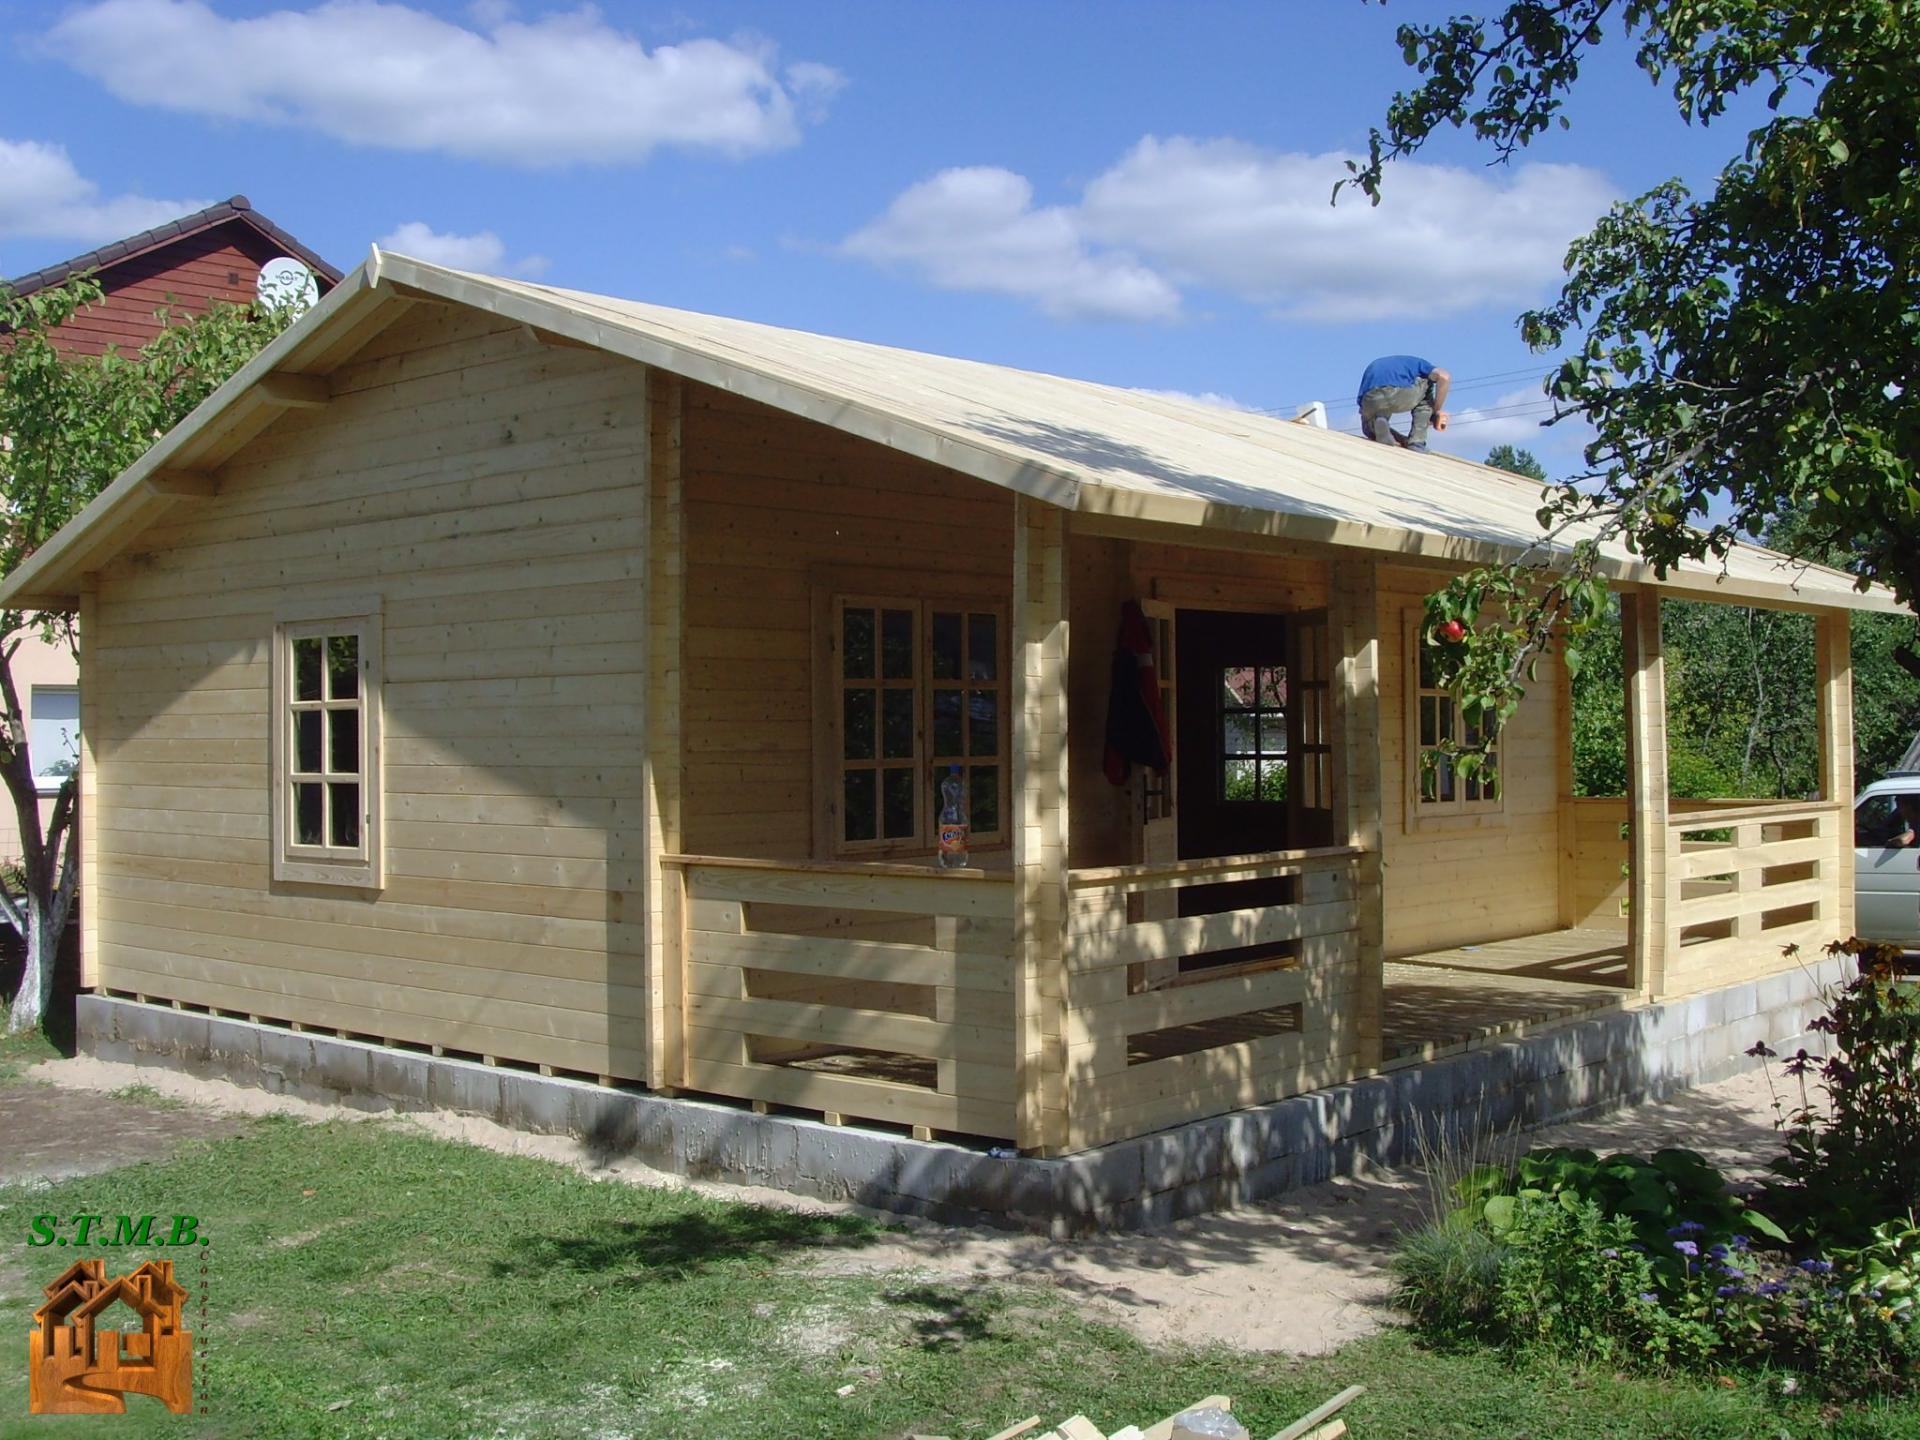 Maison En Bois En Kit Habitable - Le Meilleur Des Maisons ... intérieur Chalet En Bois En Kit Habitable